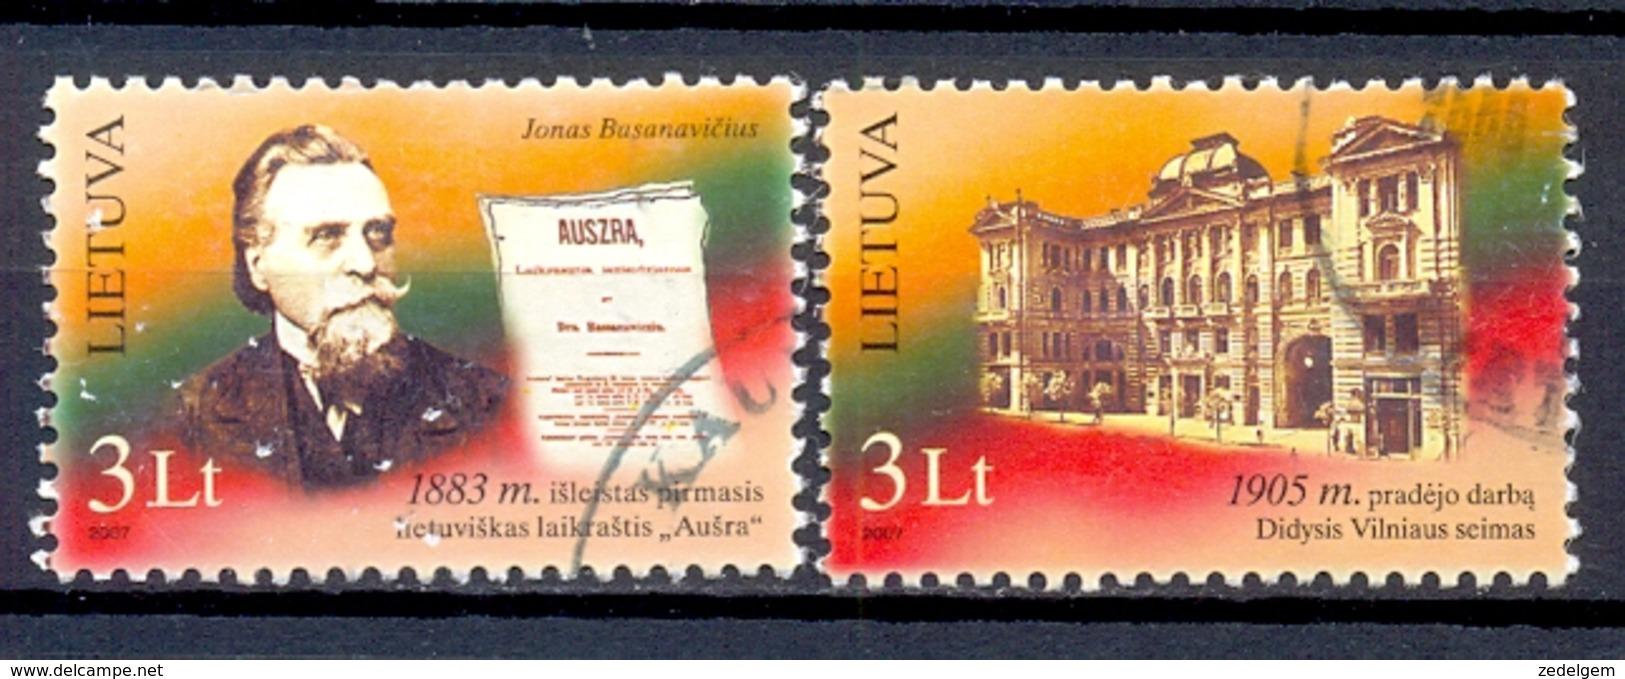 LITOUWEB  (COE 679) - Lithuania